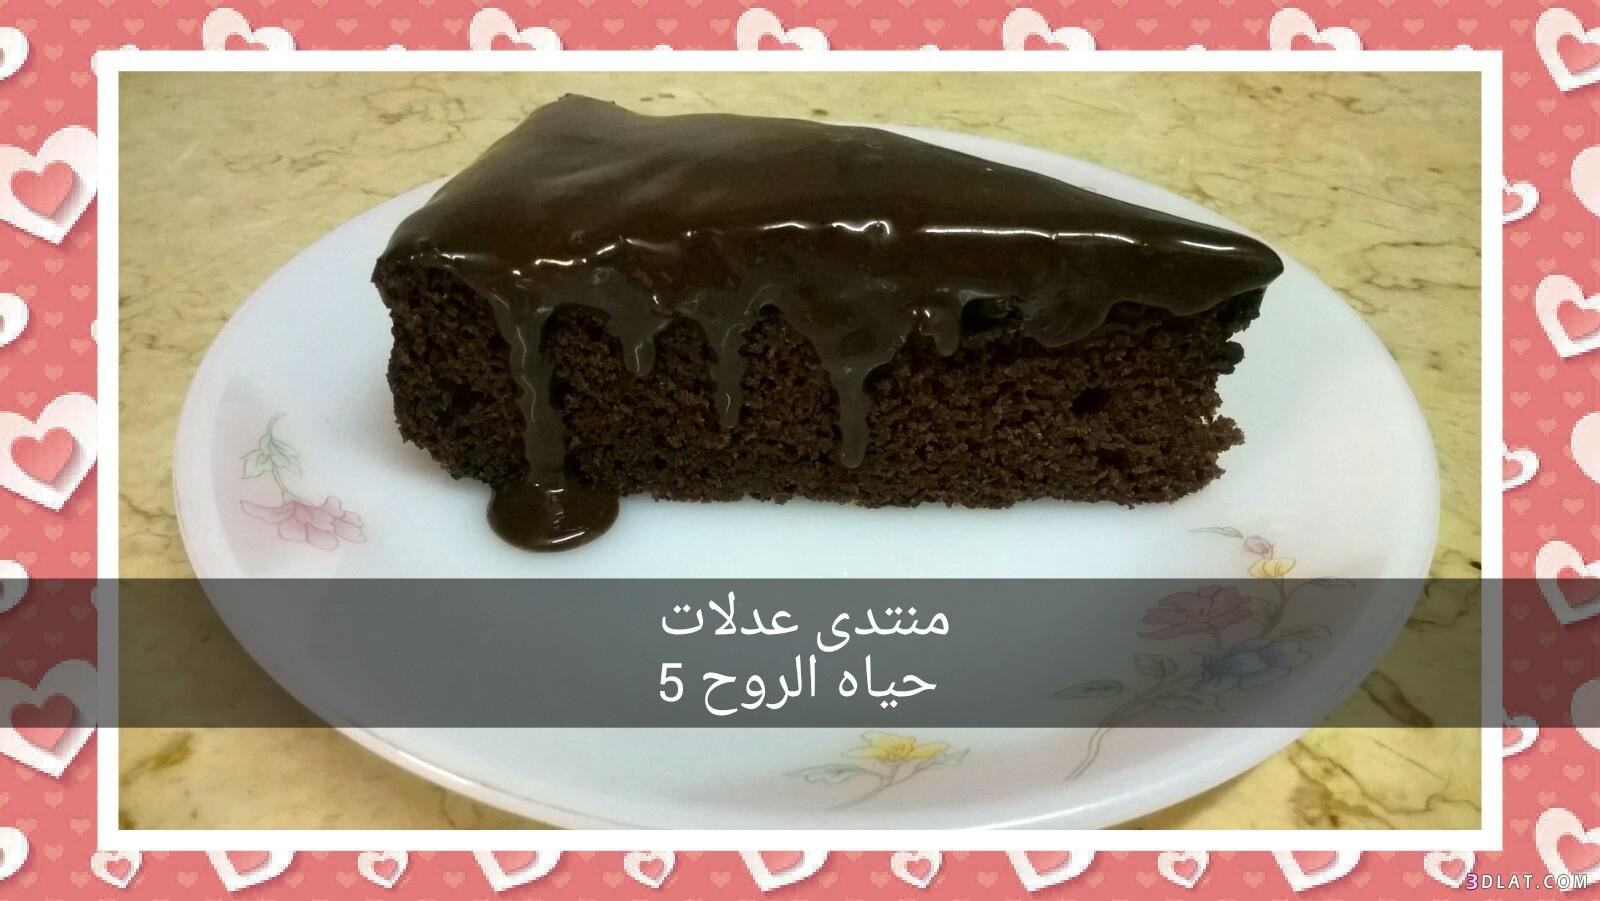 مطبخي الشيكولا اللذيذ طريقه الكب الشوكولا 3dlat.com_06_18_9c38